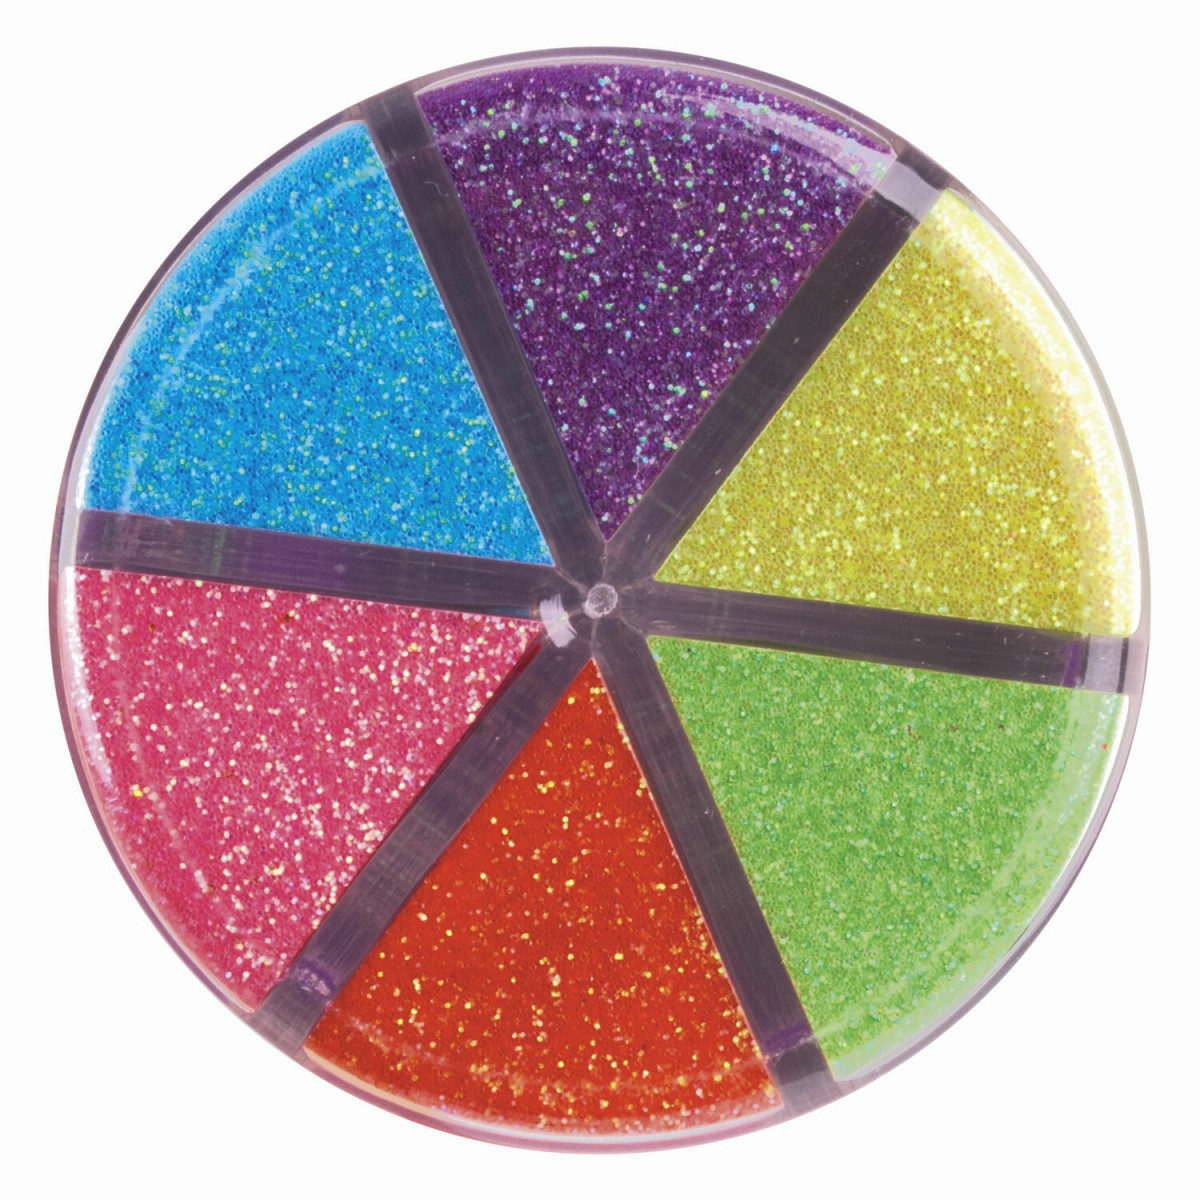 Блестки (глиттер) для декора, поделок, DIY, творчества, оформления, ОСТРОВ СОКРОВИЩ, НЕОН, диспенсер с дозатором, 6 цветов по 10 г, 662223 (арт. 662223)